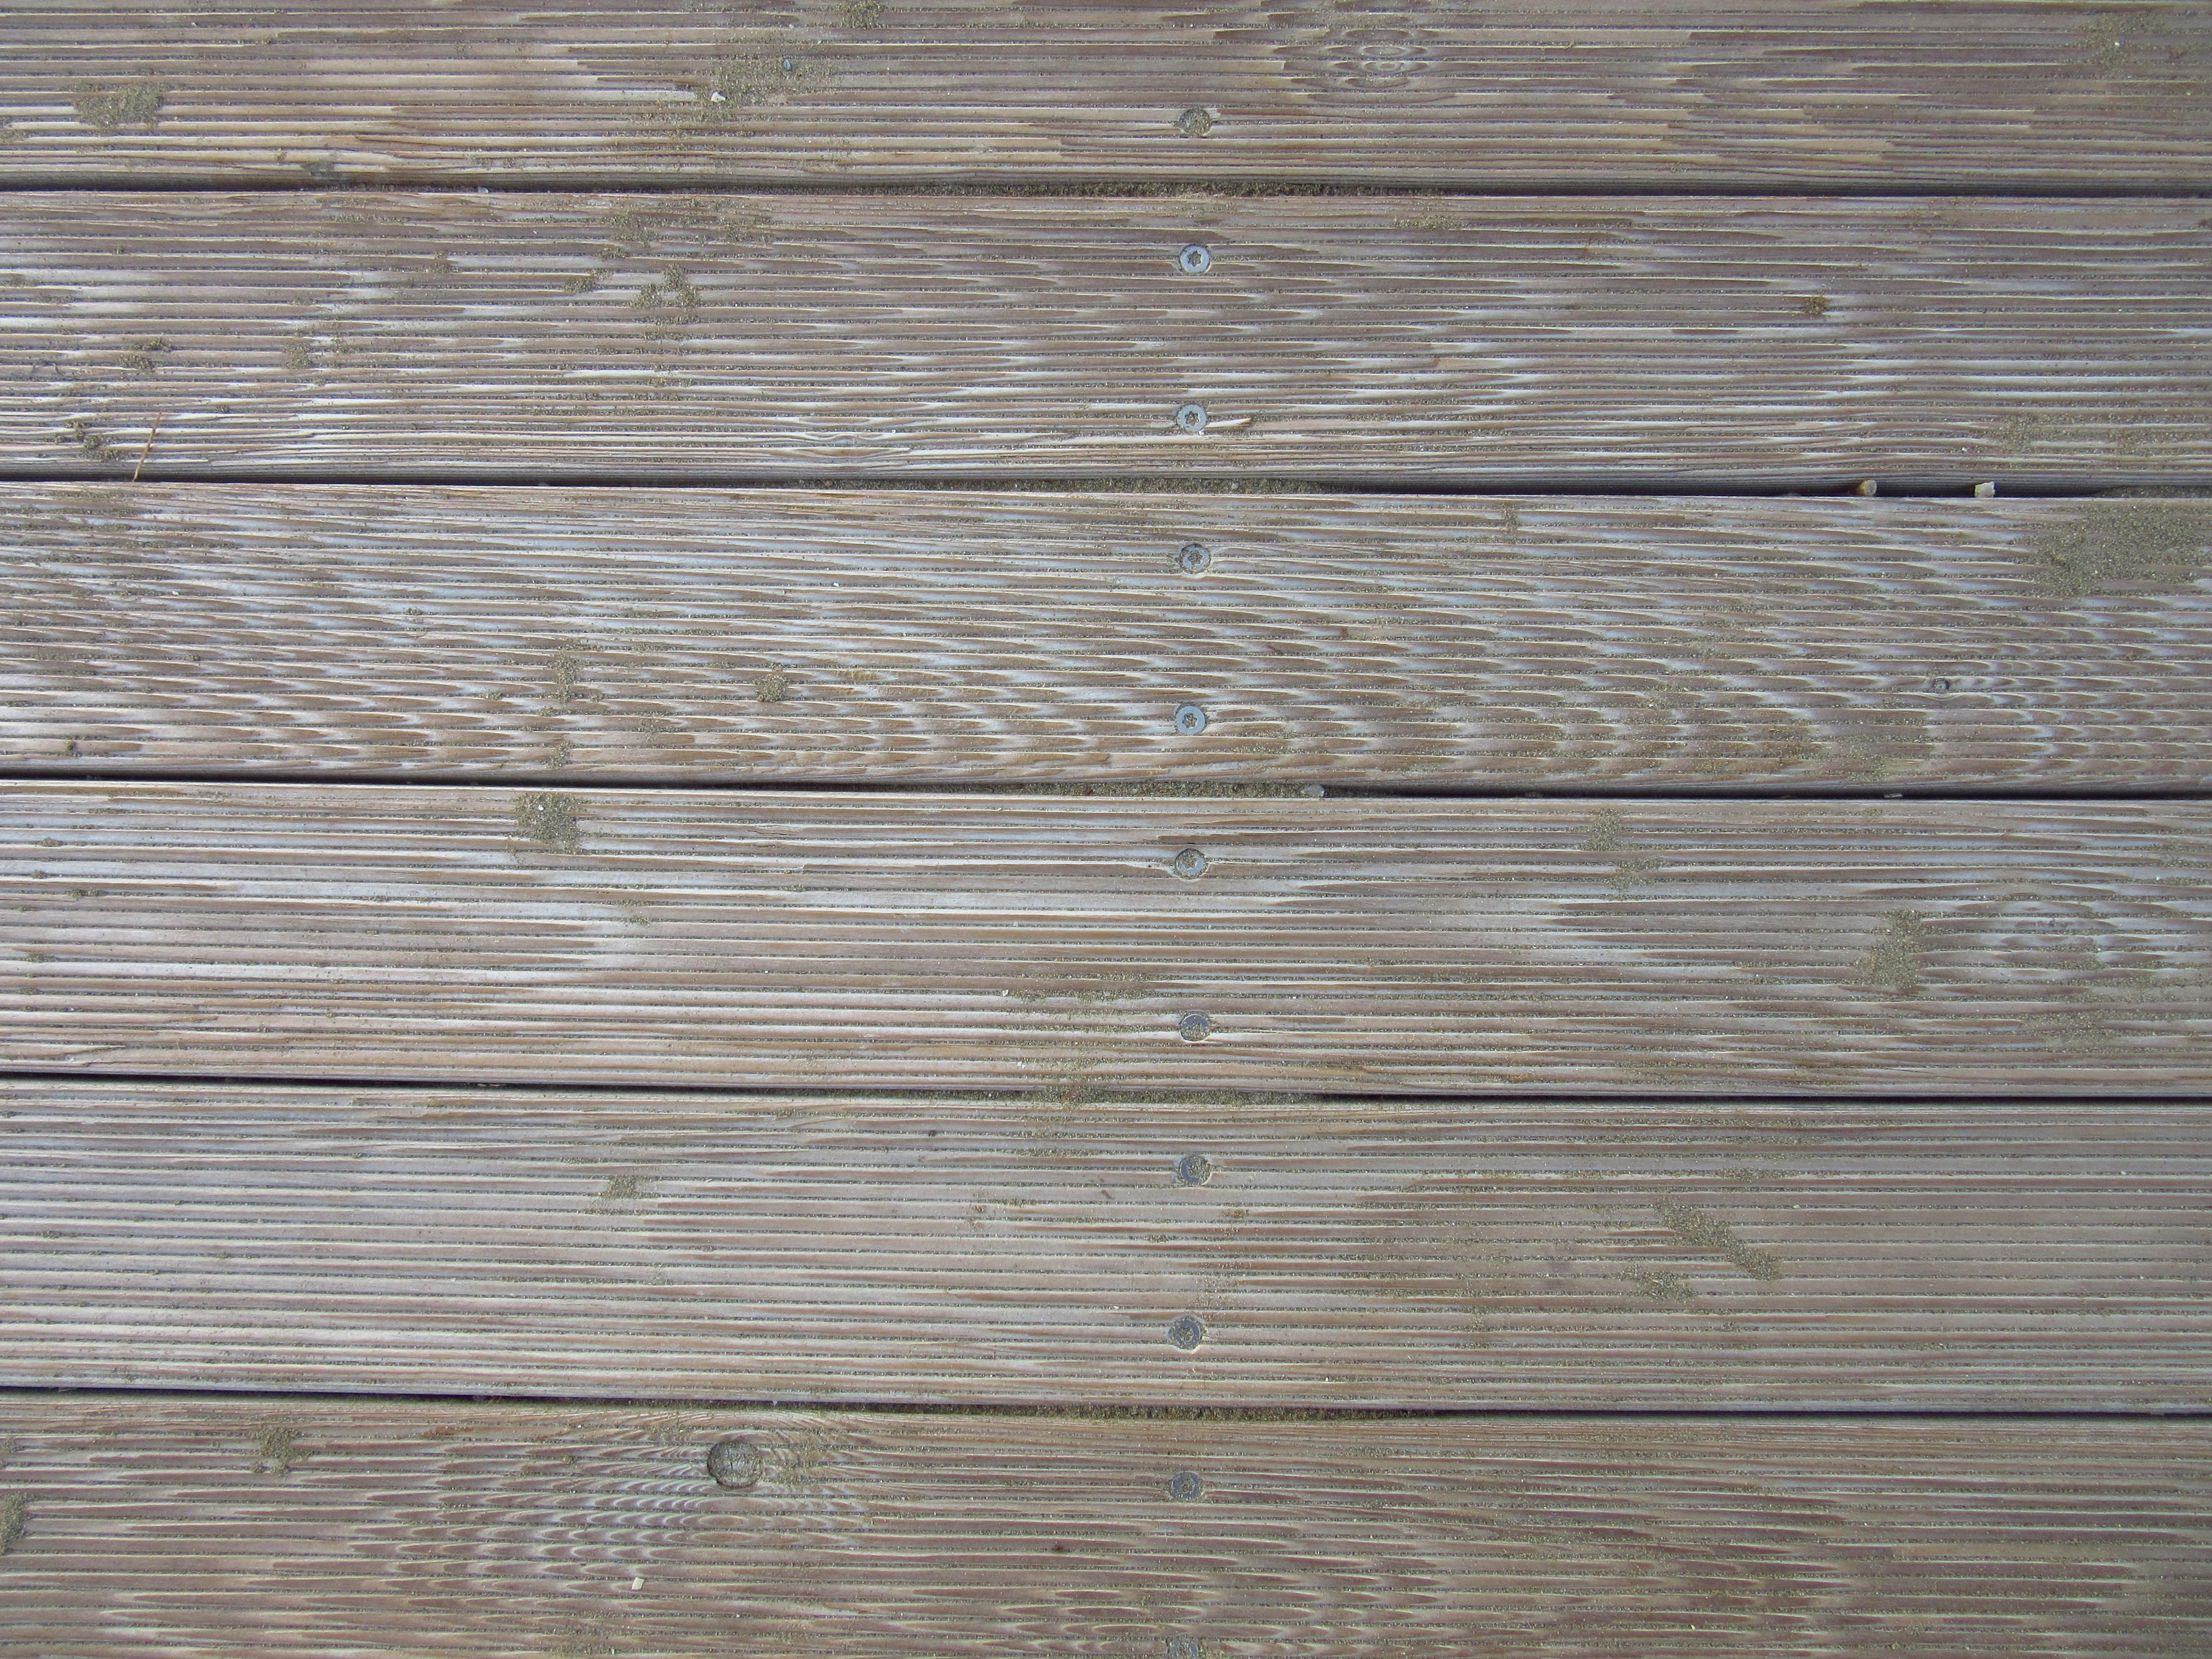 La Plinthe Du Mur images gratuites : grain, texture, planche, mur, sec, modèle